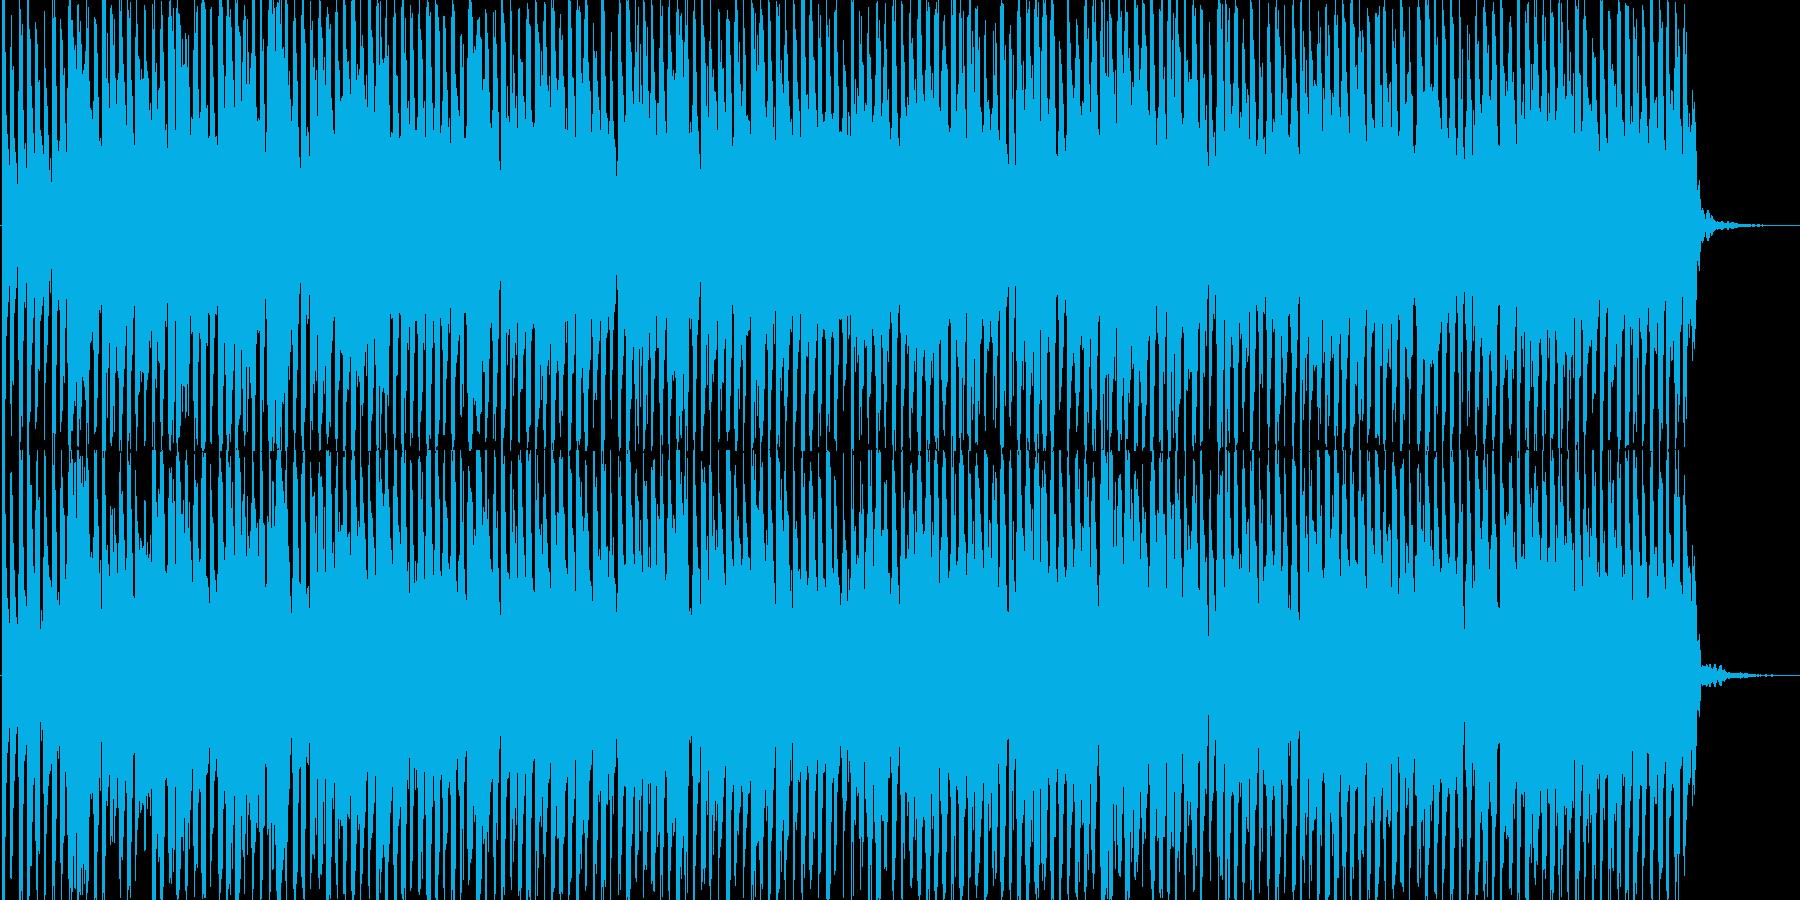 ファミコンゲーム風BGMの再生済みの波形